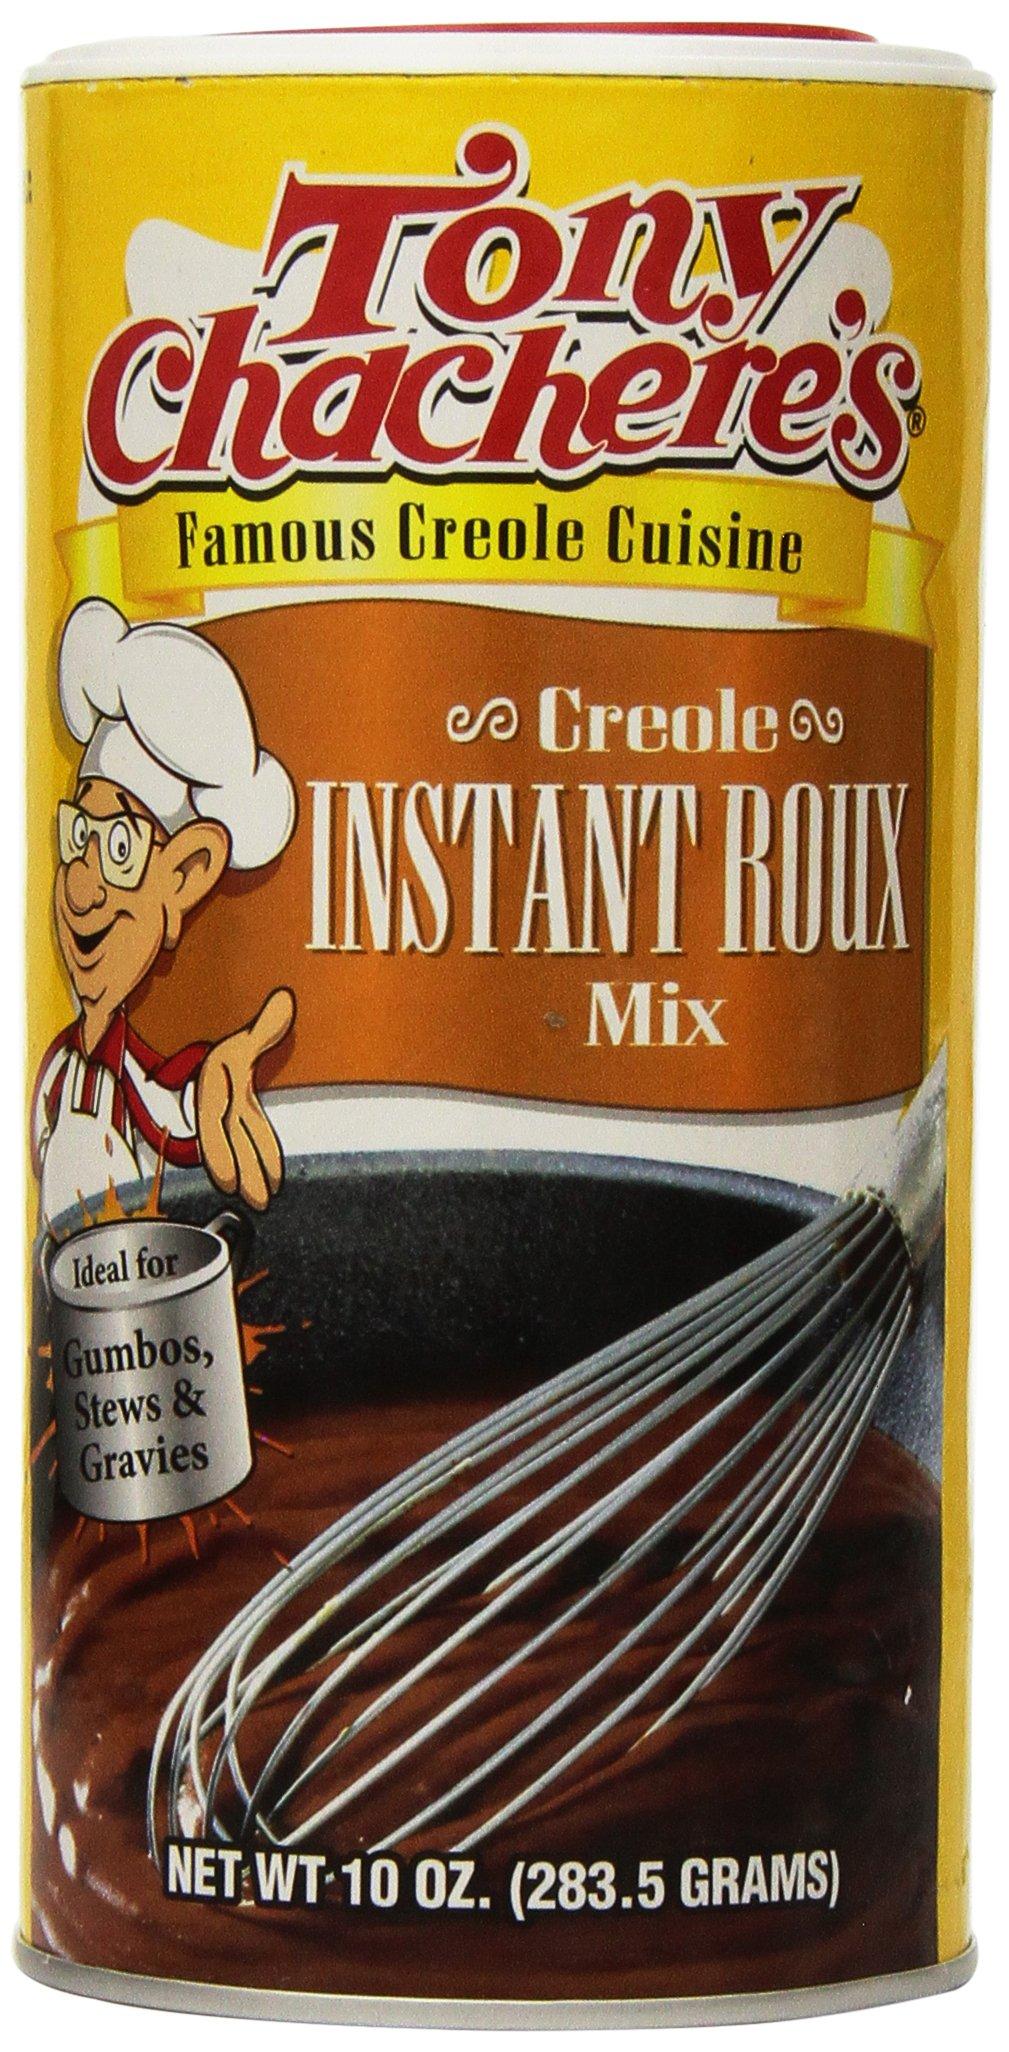 Tony Chachere's Instant Roux Mix 10.0 Ounces